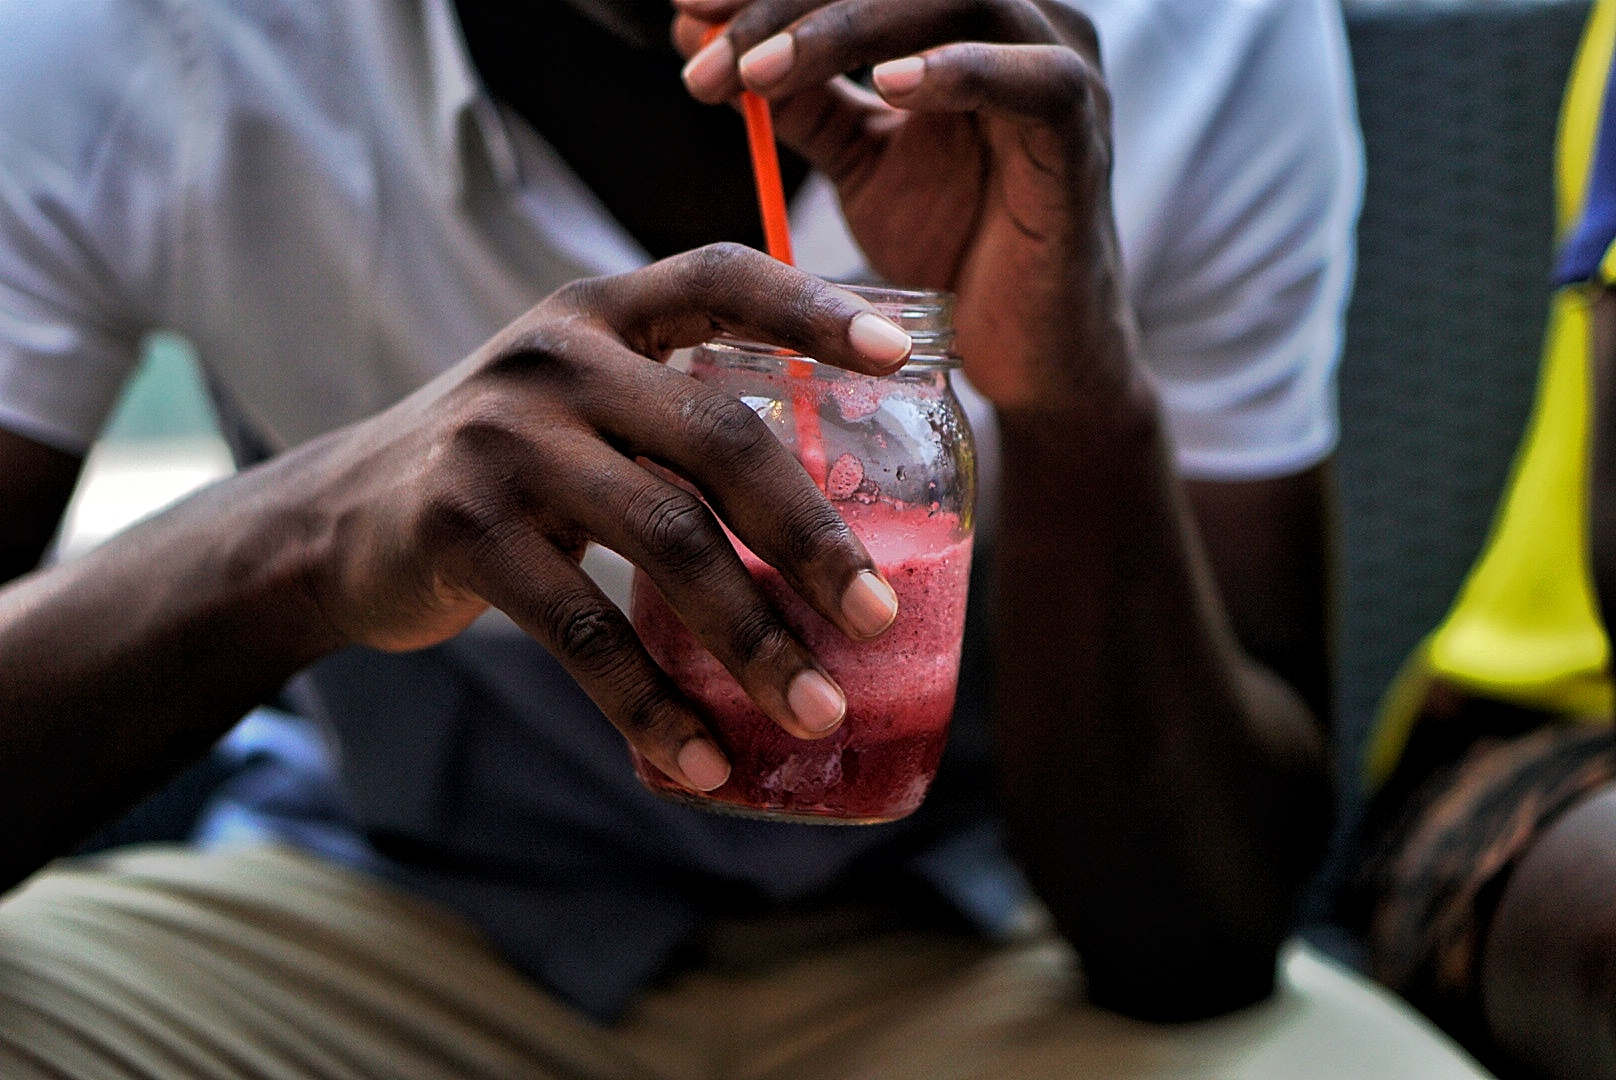 Maison Jar of watermelon smoothie at Samantha's Bistro